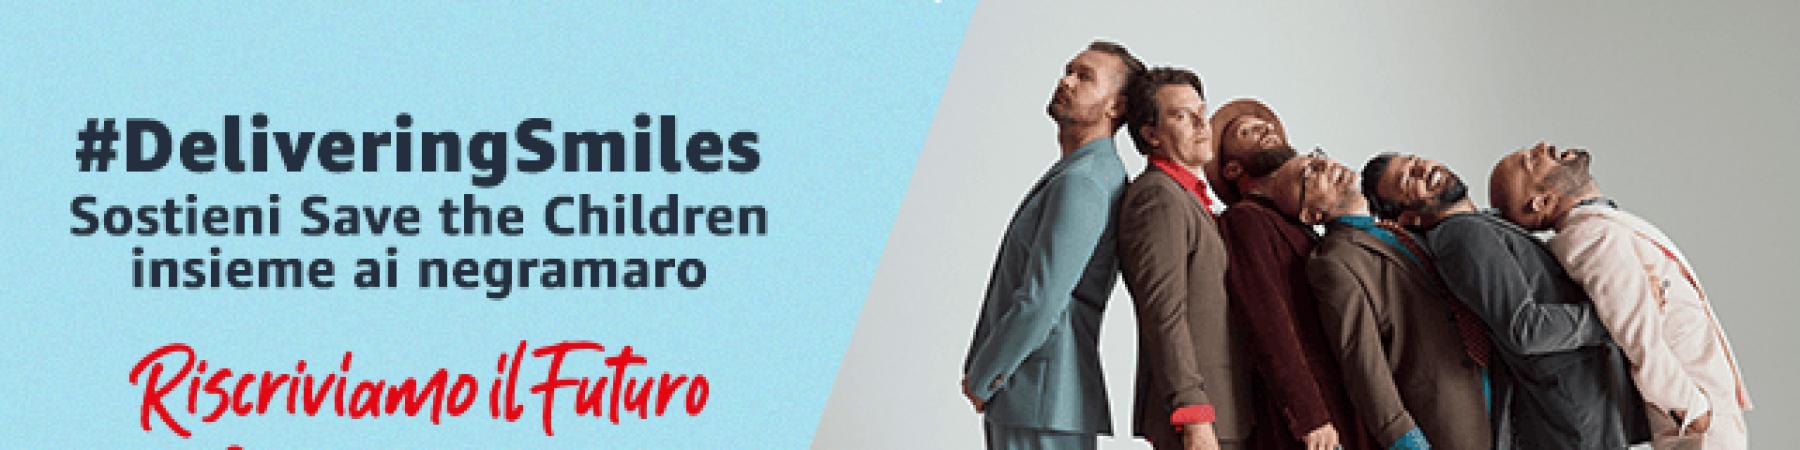 Grafica amazon per annunciare il sostegno a Save the Children in occasione del periodo natalizio 2020. I negramaro ambassador dell iniziativa sono in fila vicini